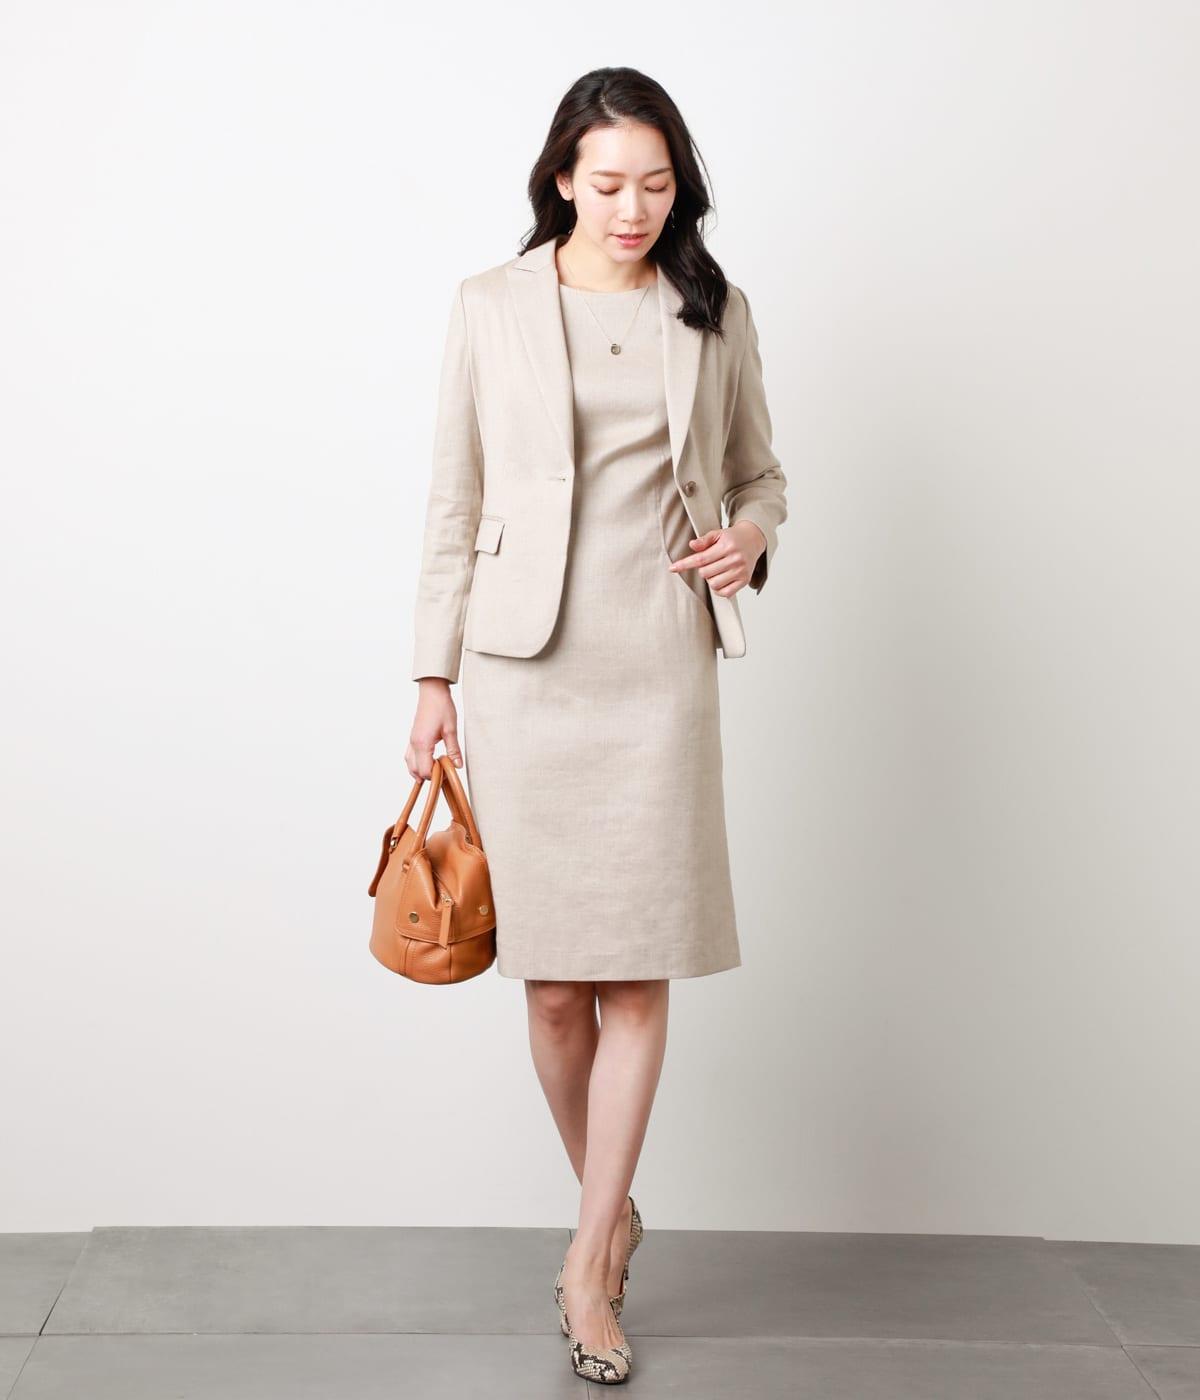 入園・入学式セレモニースタイル03|ファッション通販のNY.online